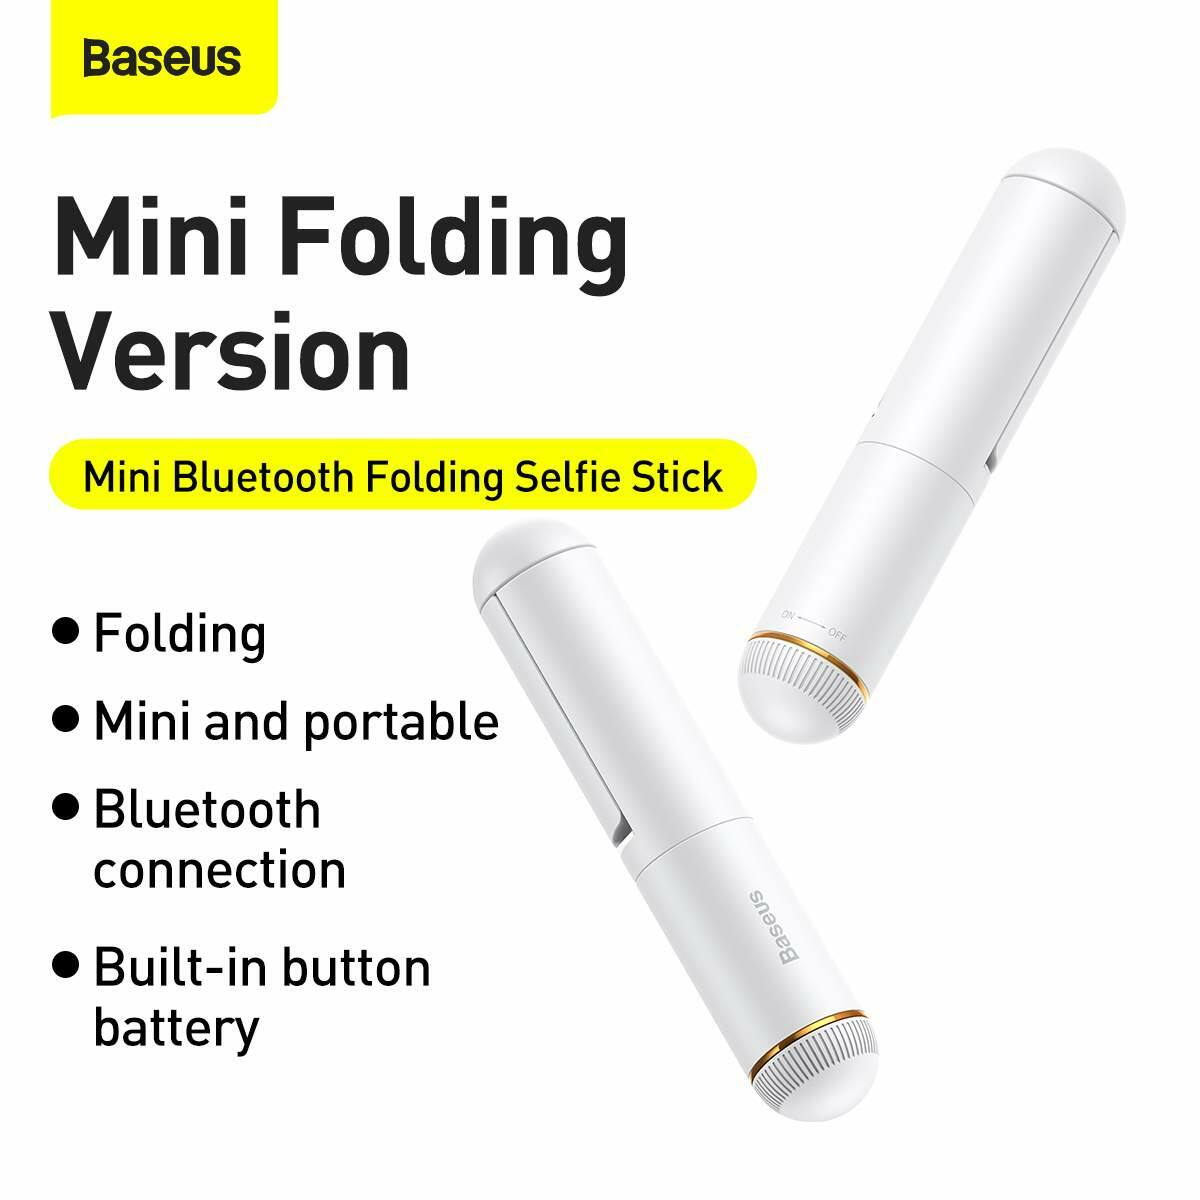 Baseus Video kiegészítő, Ultra Mini Bluetooth Folding Selfie bot, fehér (SUDYZP-G02)